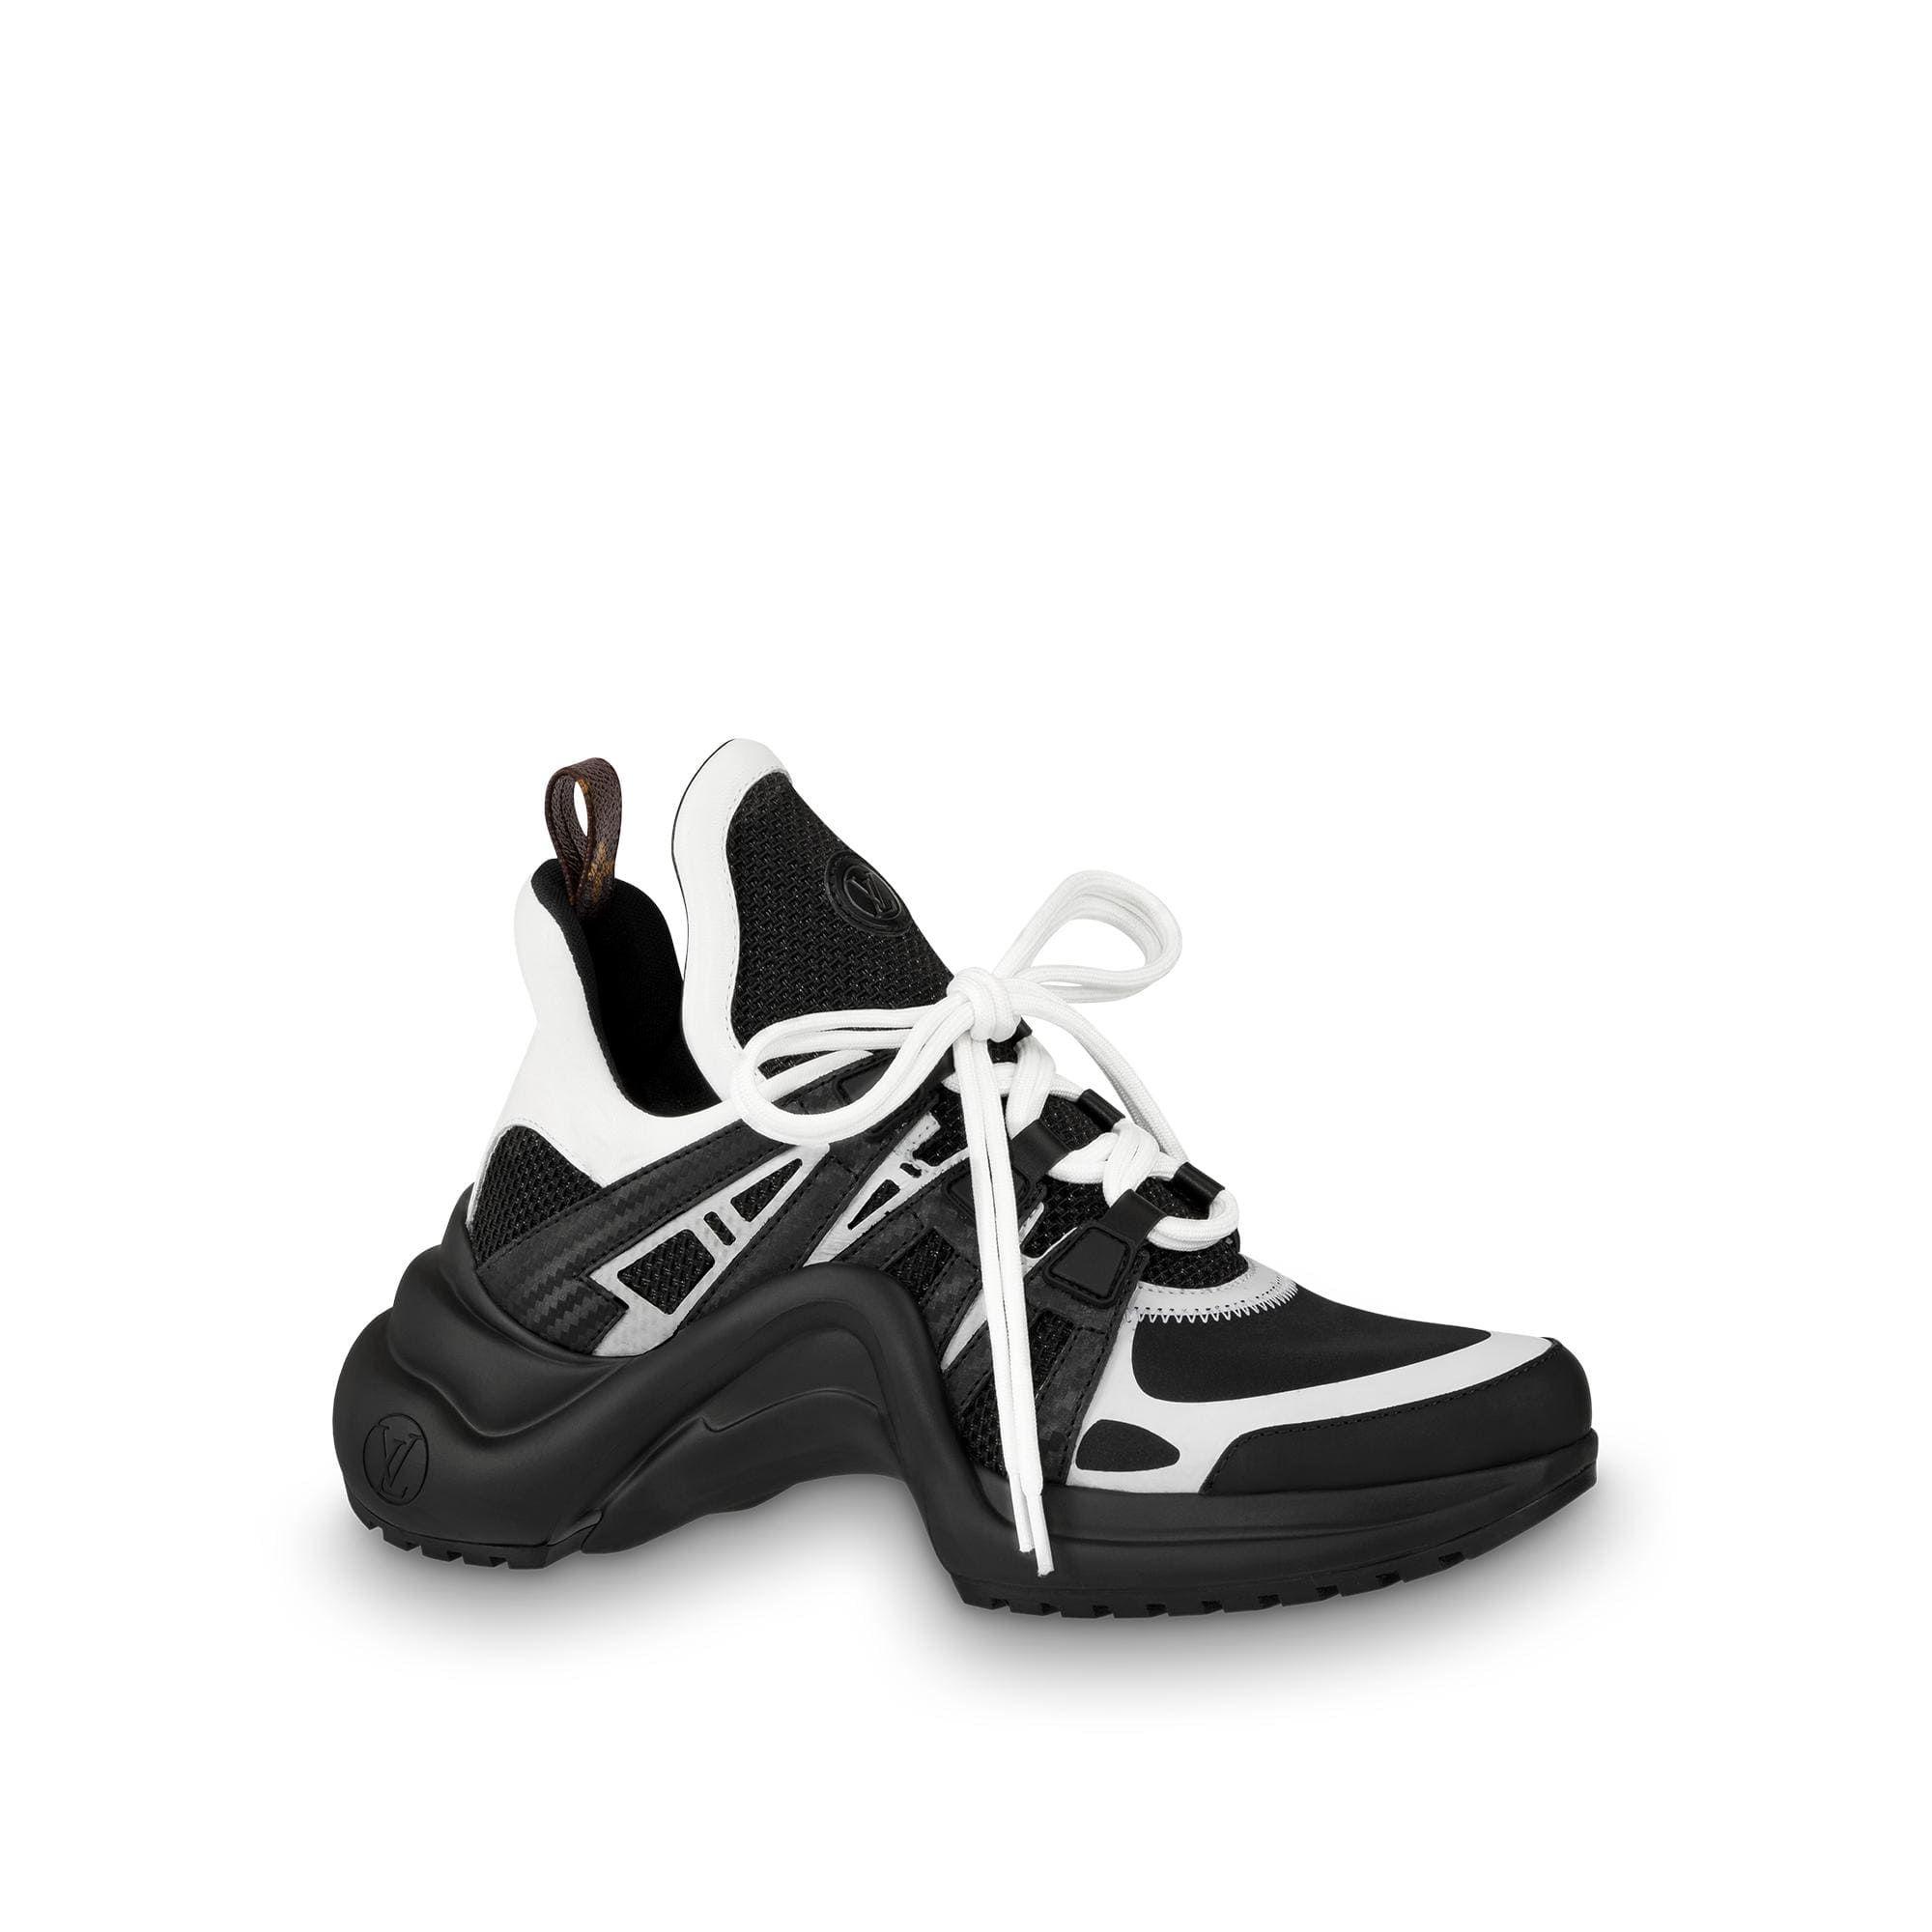 Lv Archlight Sneaker Via Louis Vuitton Louis Vuitton Shoes Sneakers Luis Vuitton Shoes Louis Vuitton Shoes